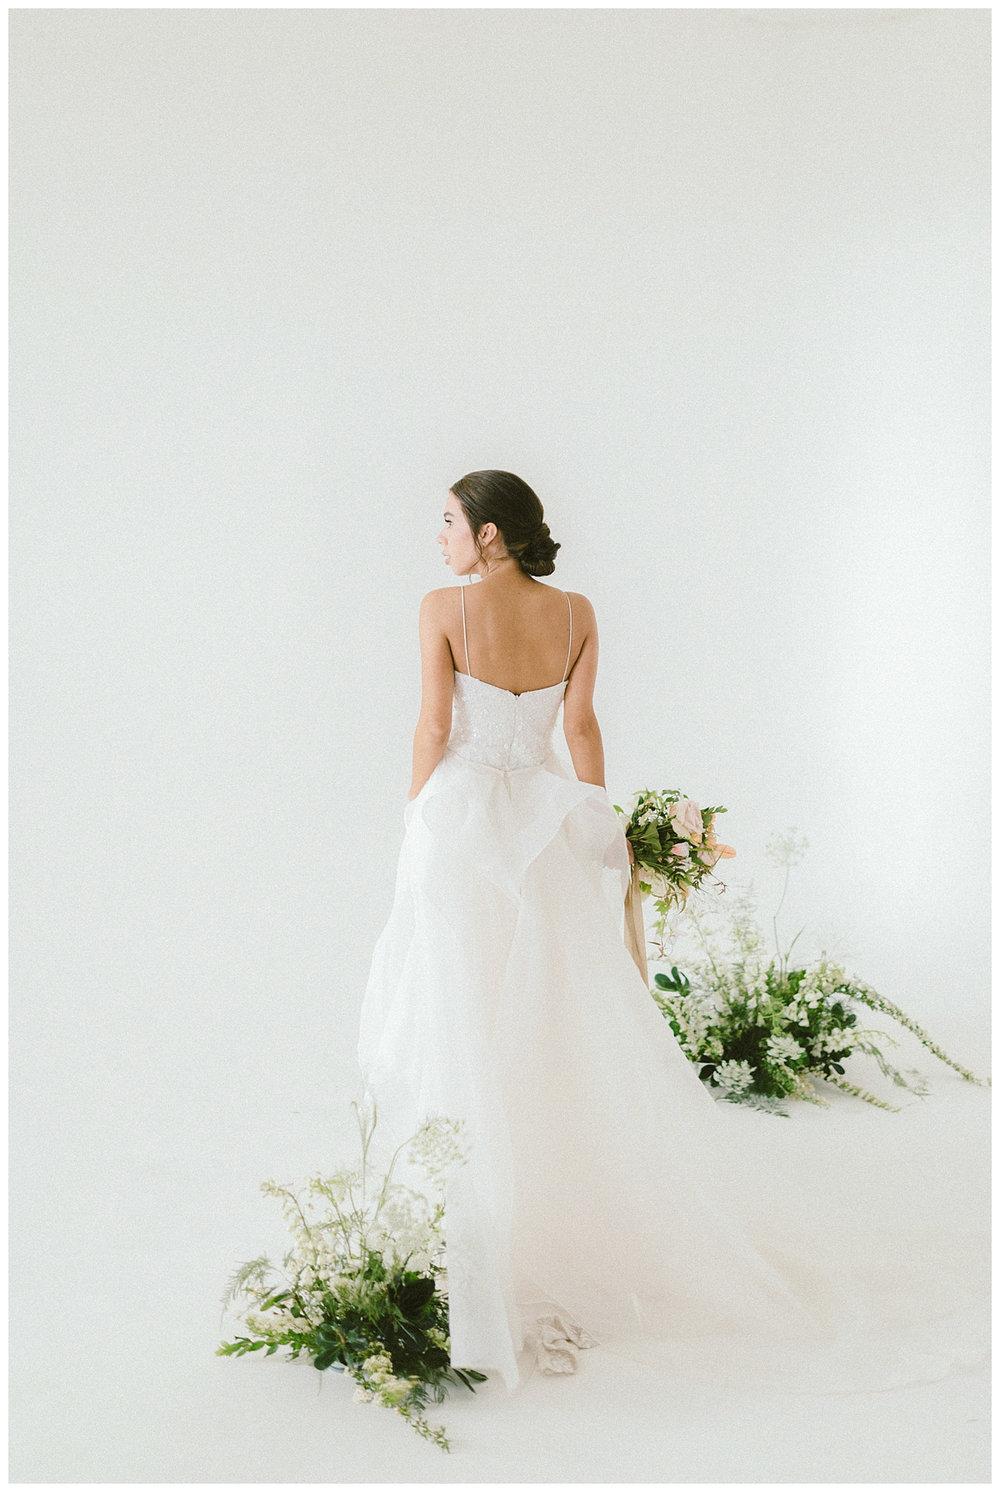 Hong Kong Fine Art Wedding Prewedding Photographer Mattie C. 00031.jpg